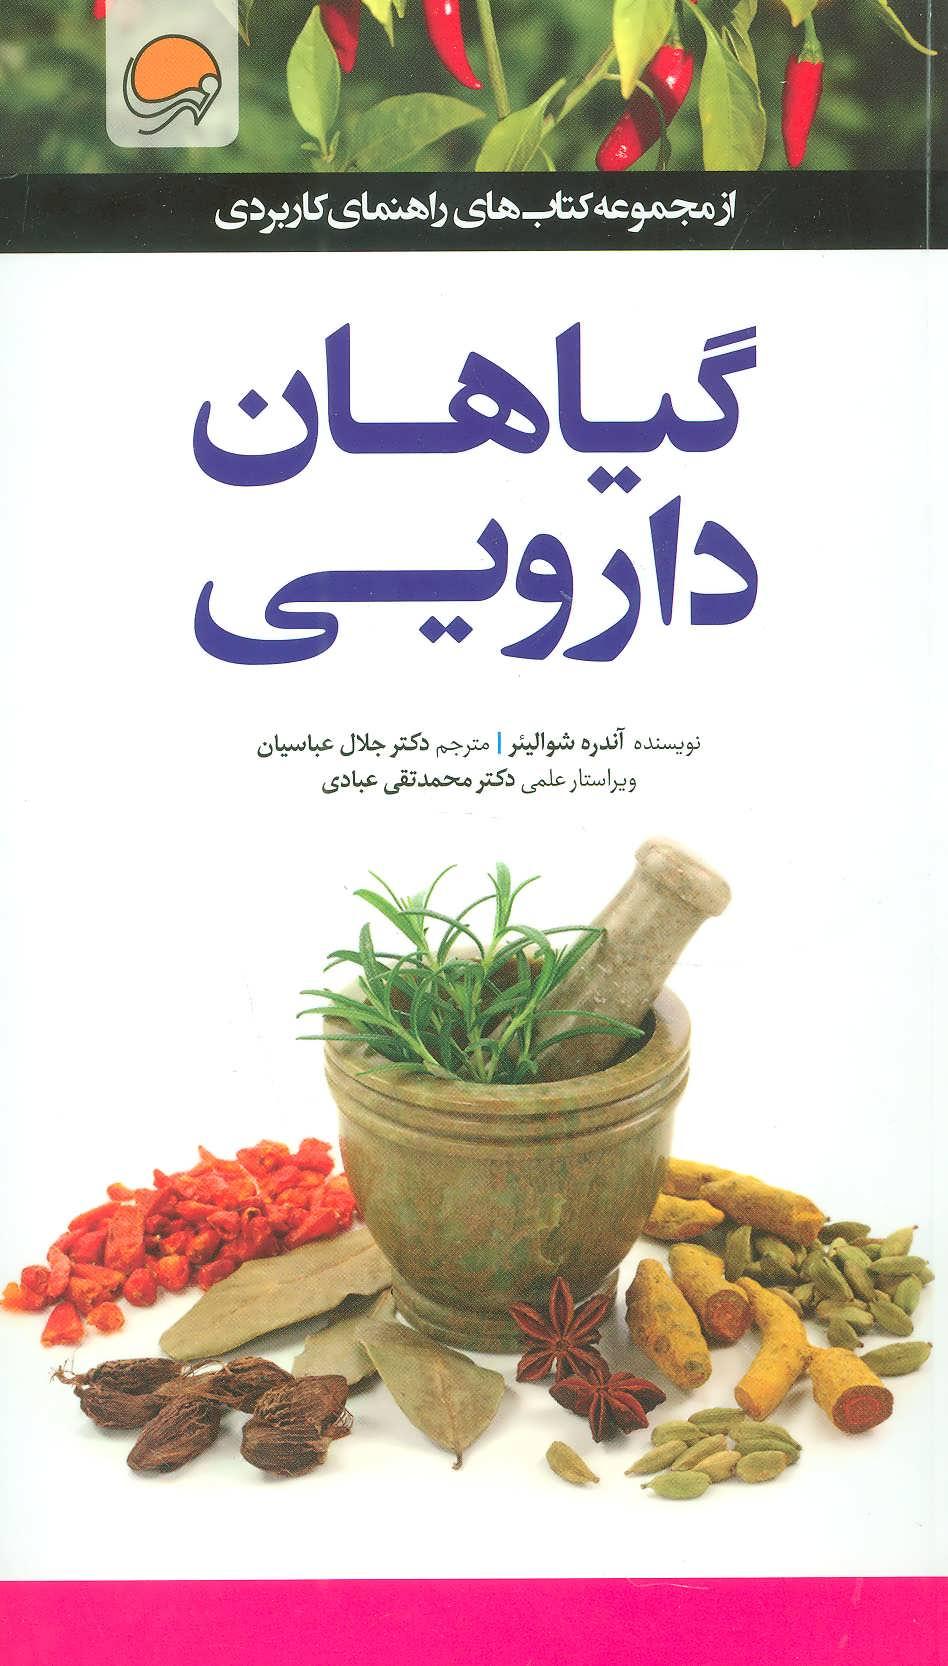 راهنمای کاربردی (گیاهان دارویی)